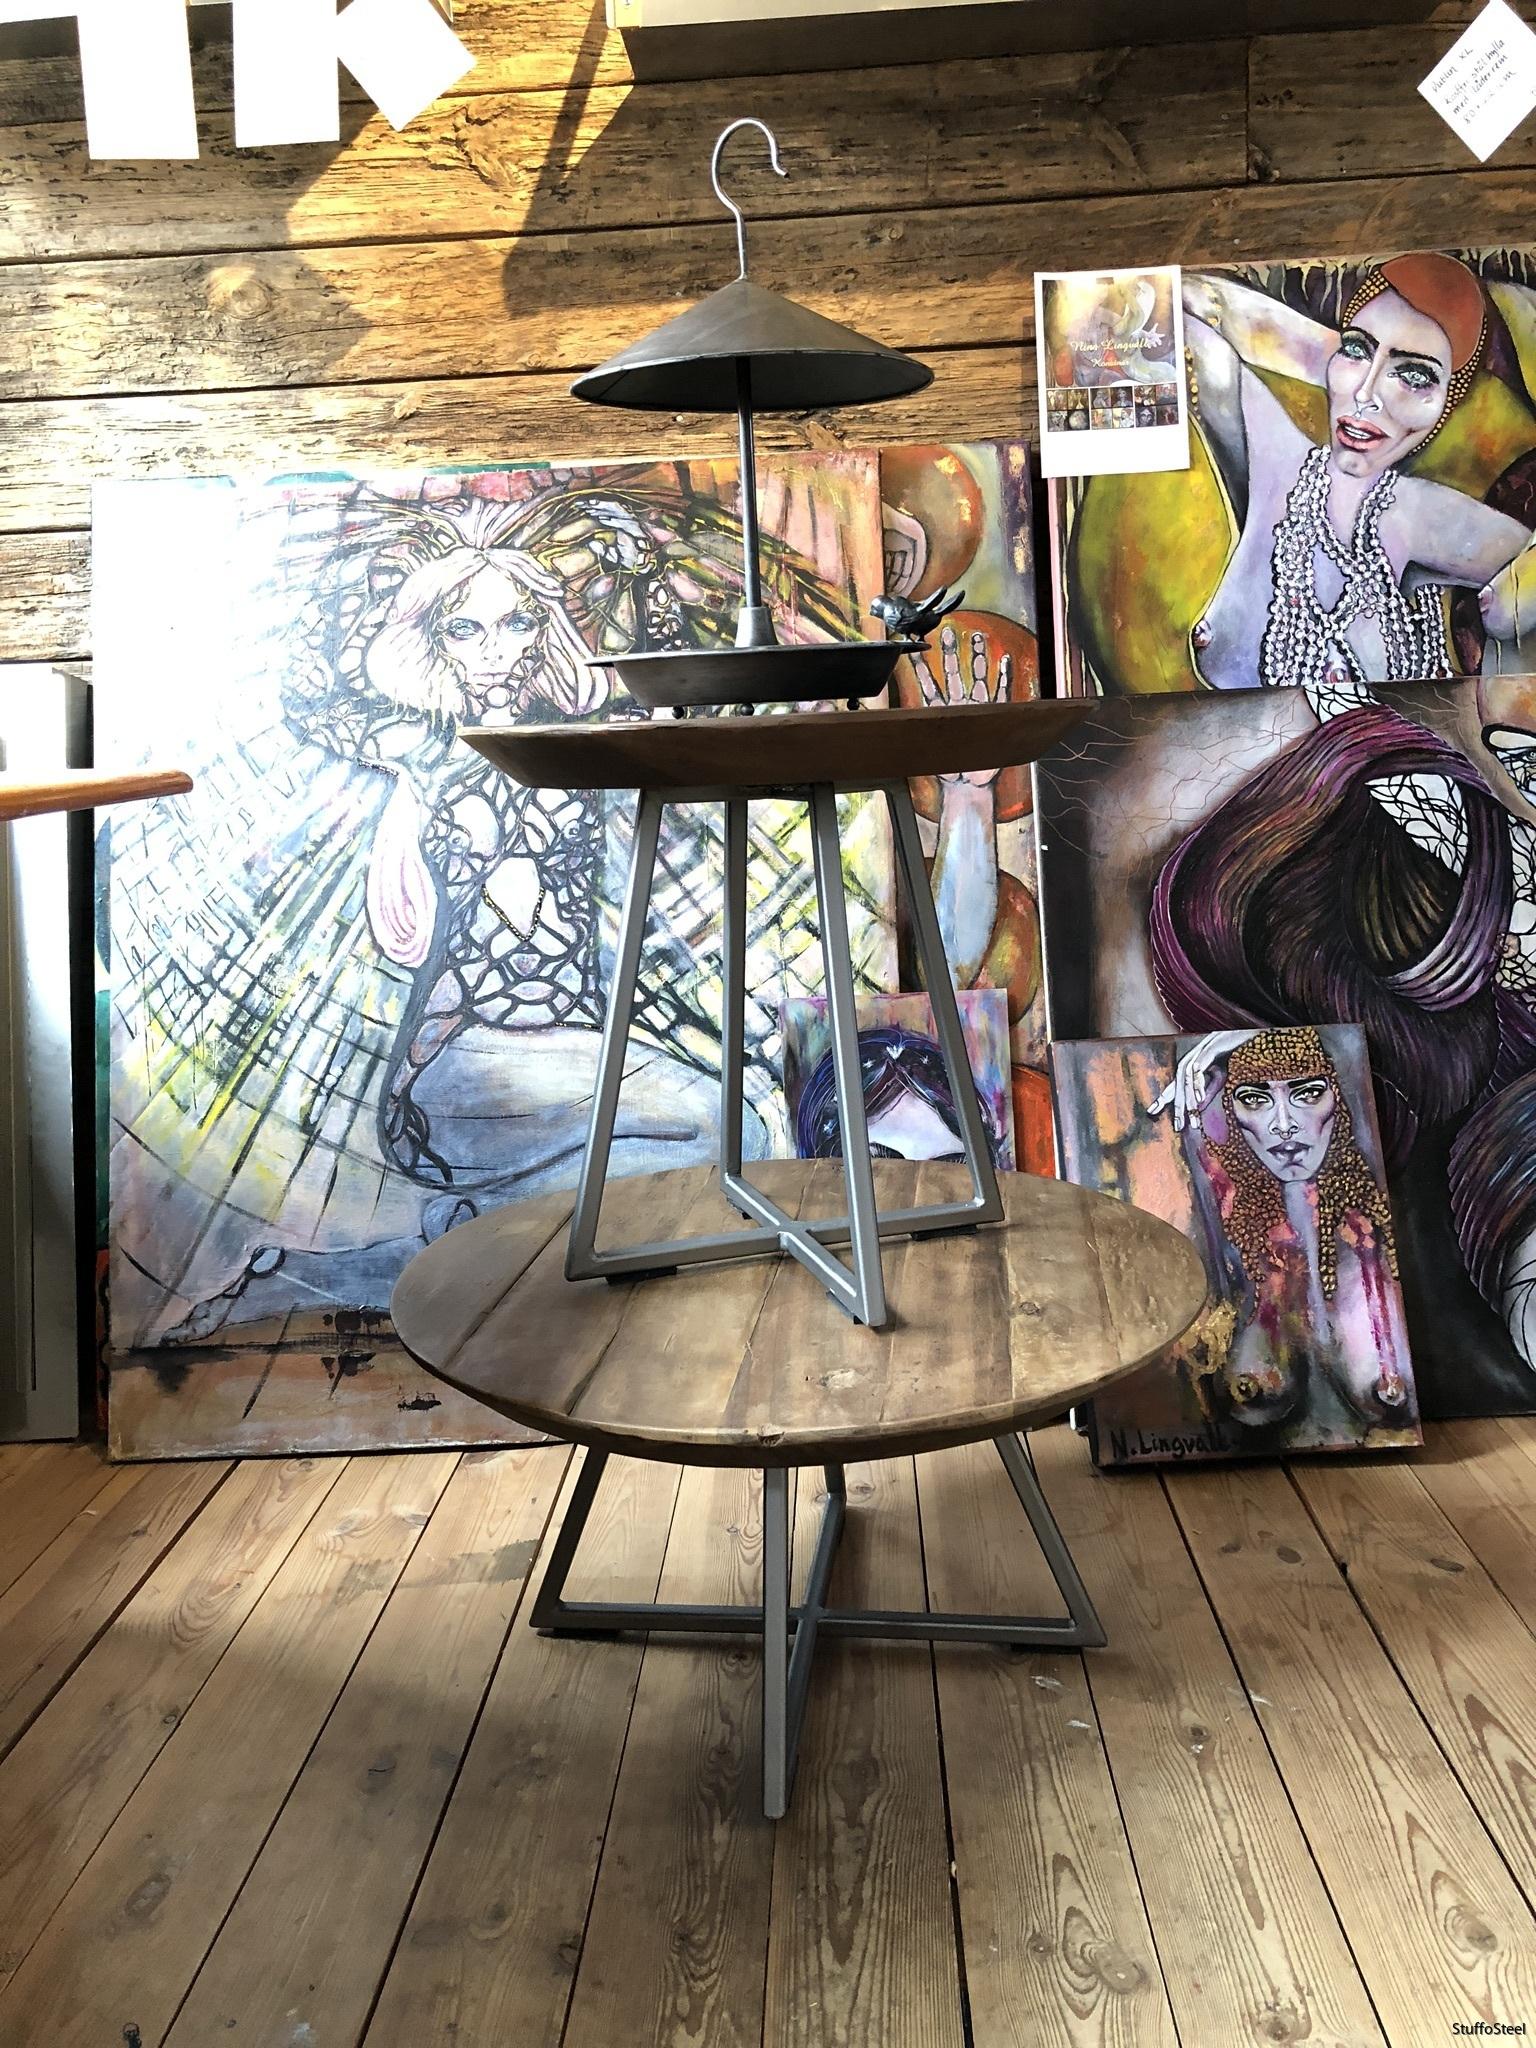 bord o fågelmatare